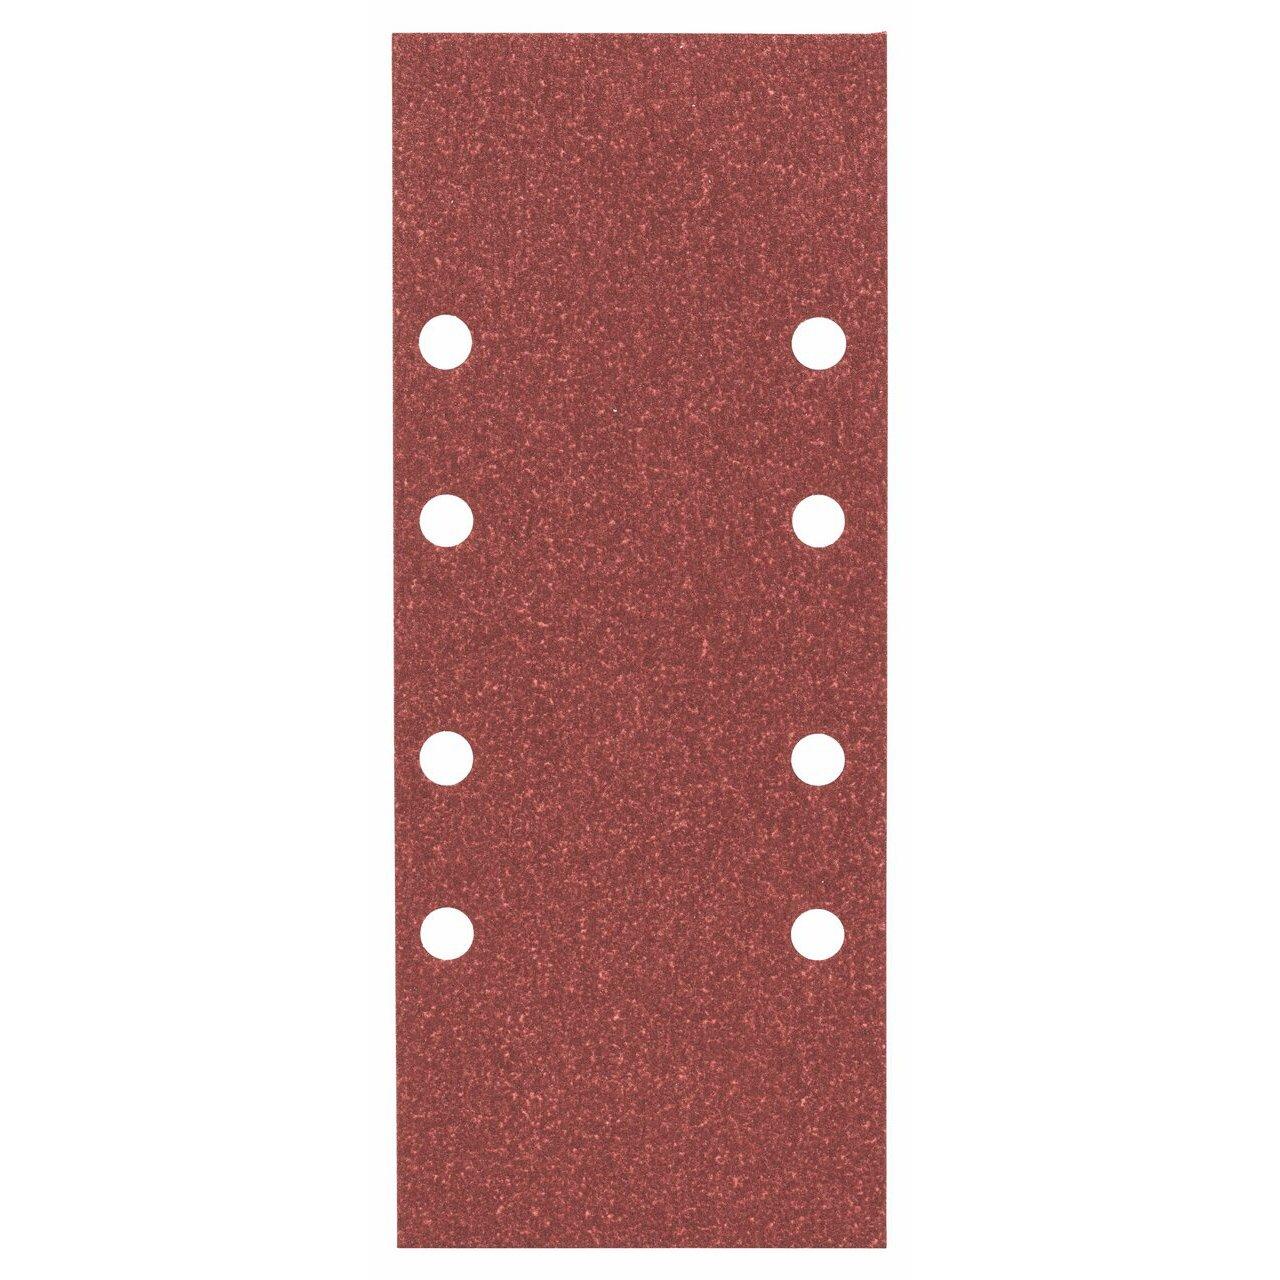 Bosch 2 608 605 301 - Juego de hojas lijadoras, 10 piezas - 93 x 230 mm, 240 (pack de 10) 2608605301